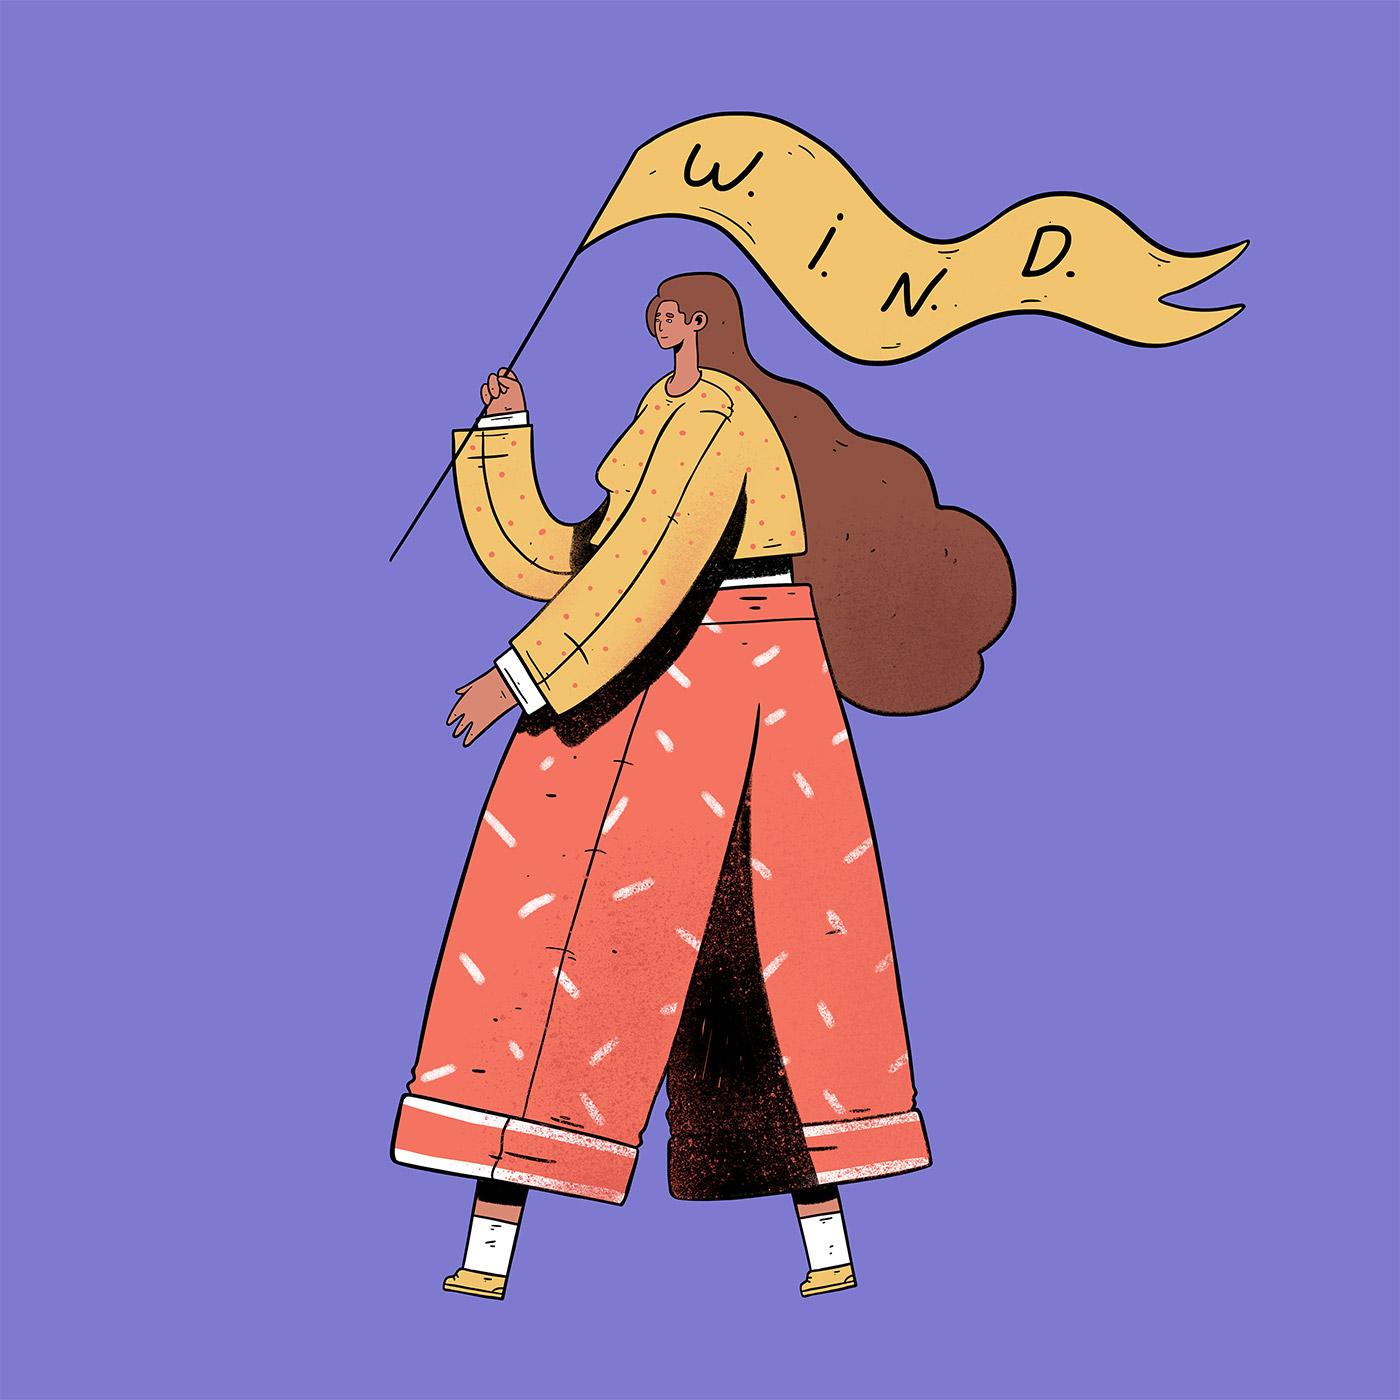 illustration-lucas-wakamatsu-11.jpg